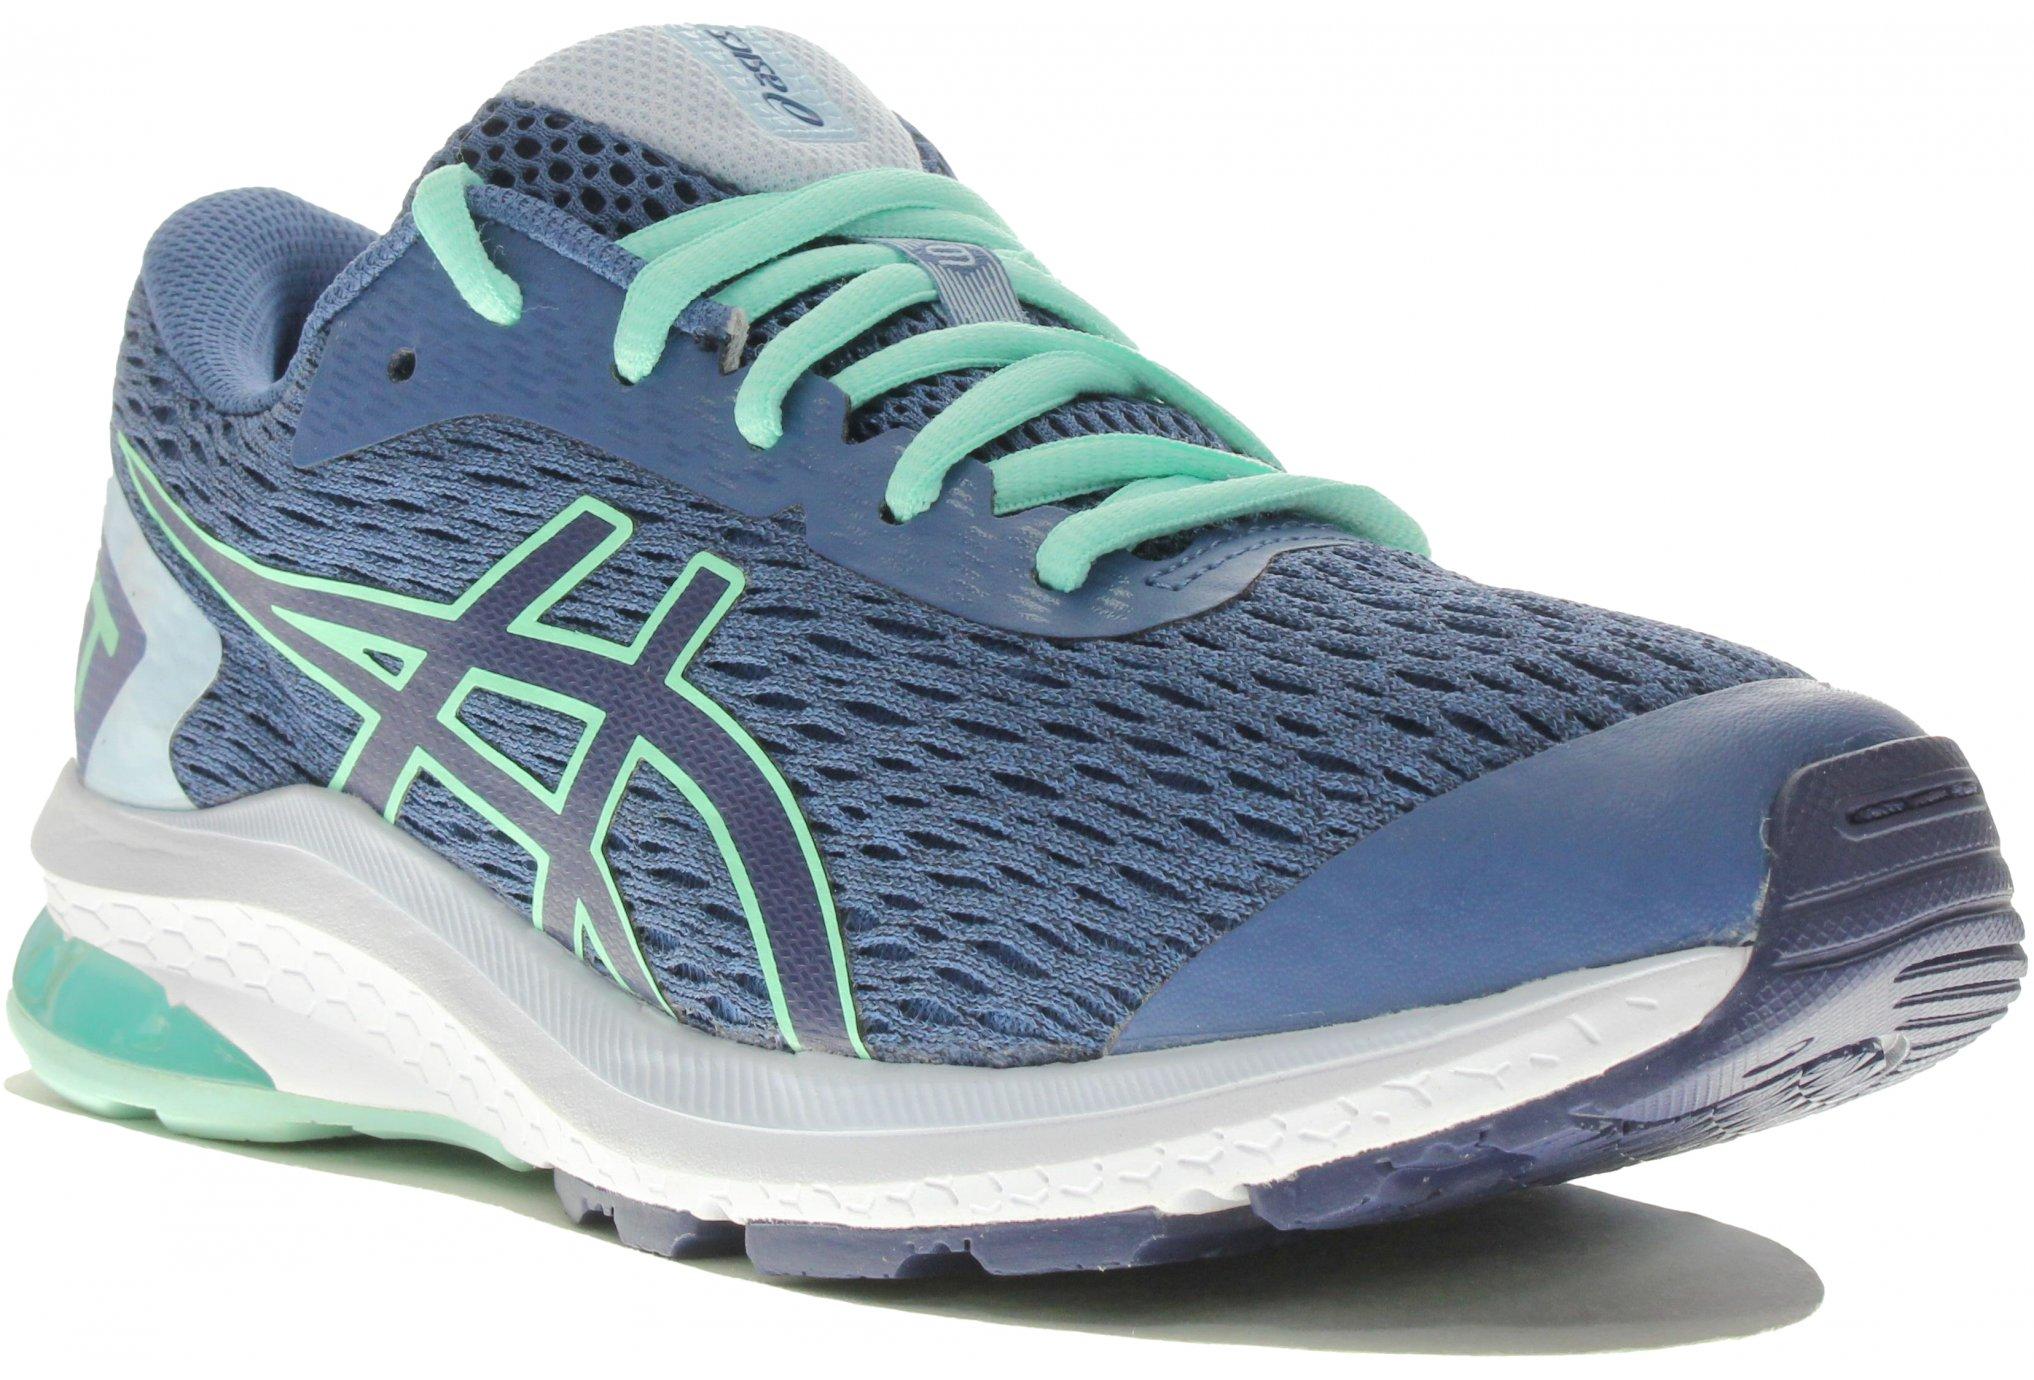 Asics GT-1000 9 Fille Chaussures running femme